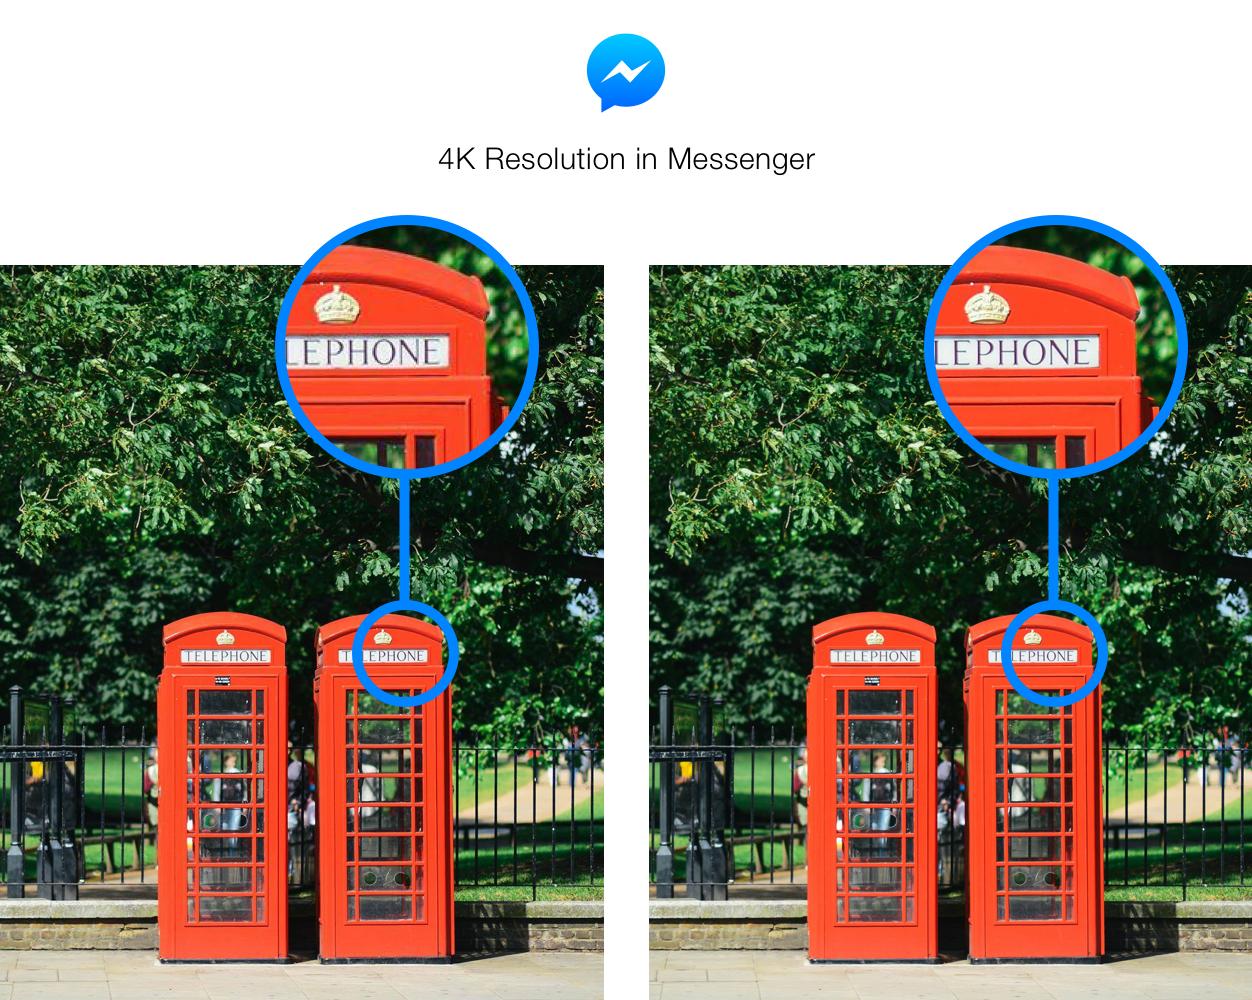 Facebook Messenger now sends photos in 4K